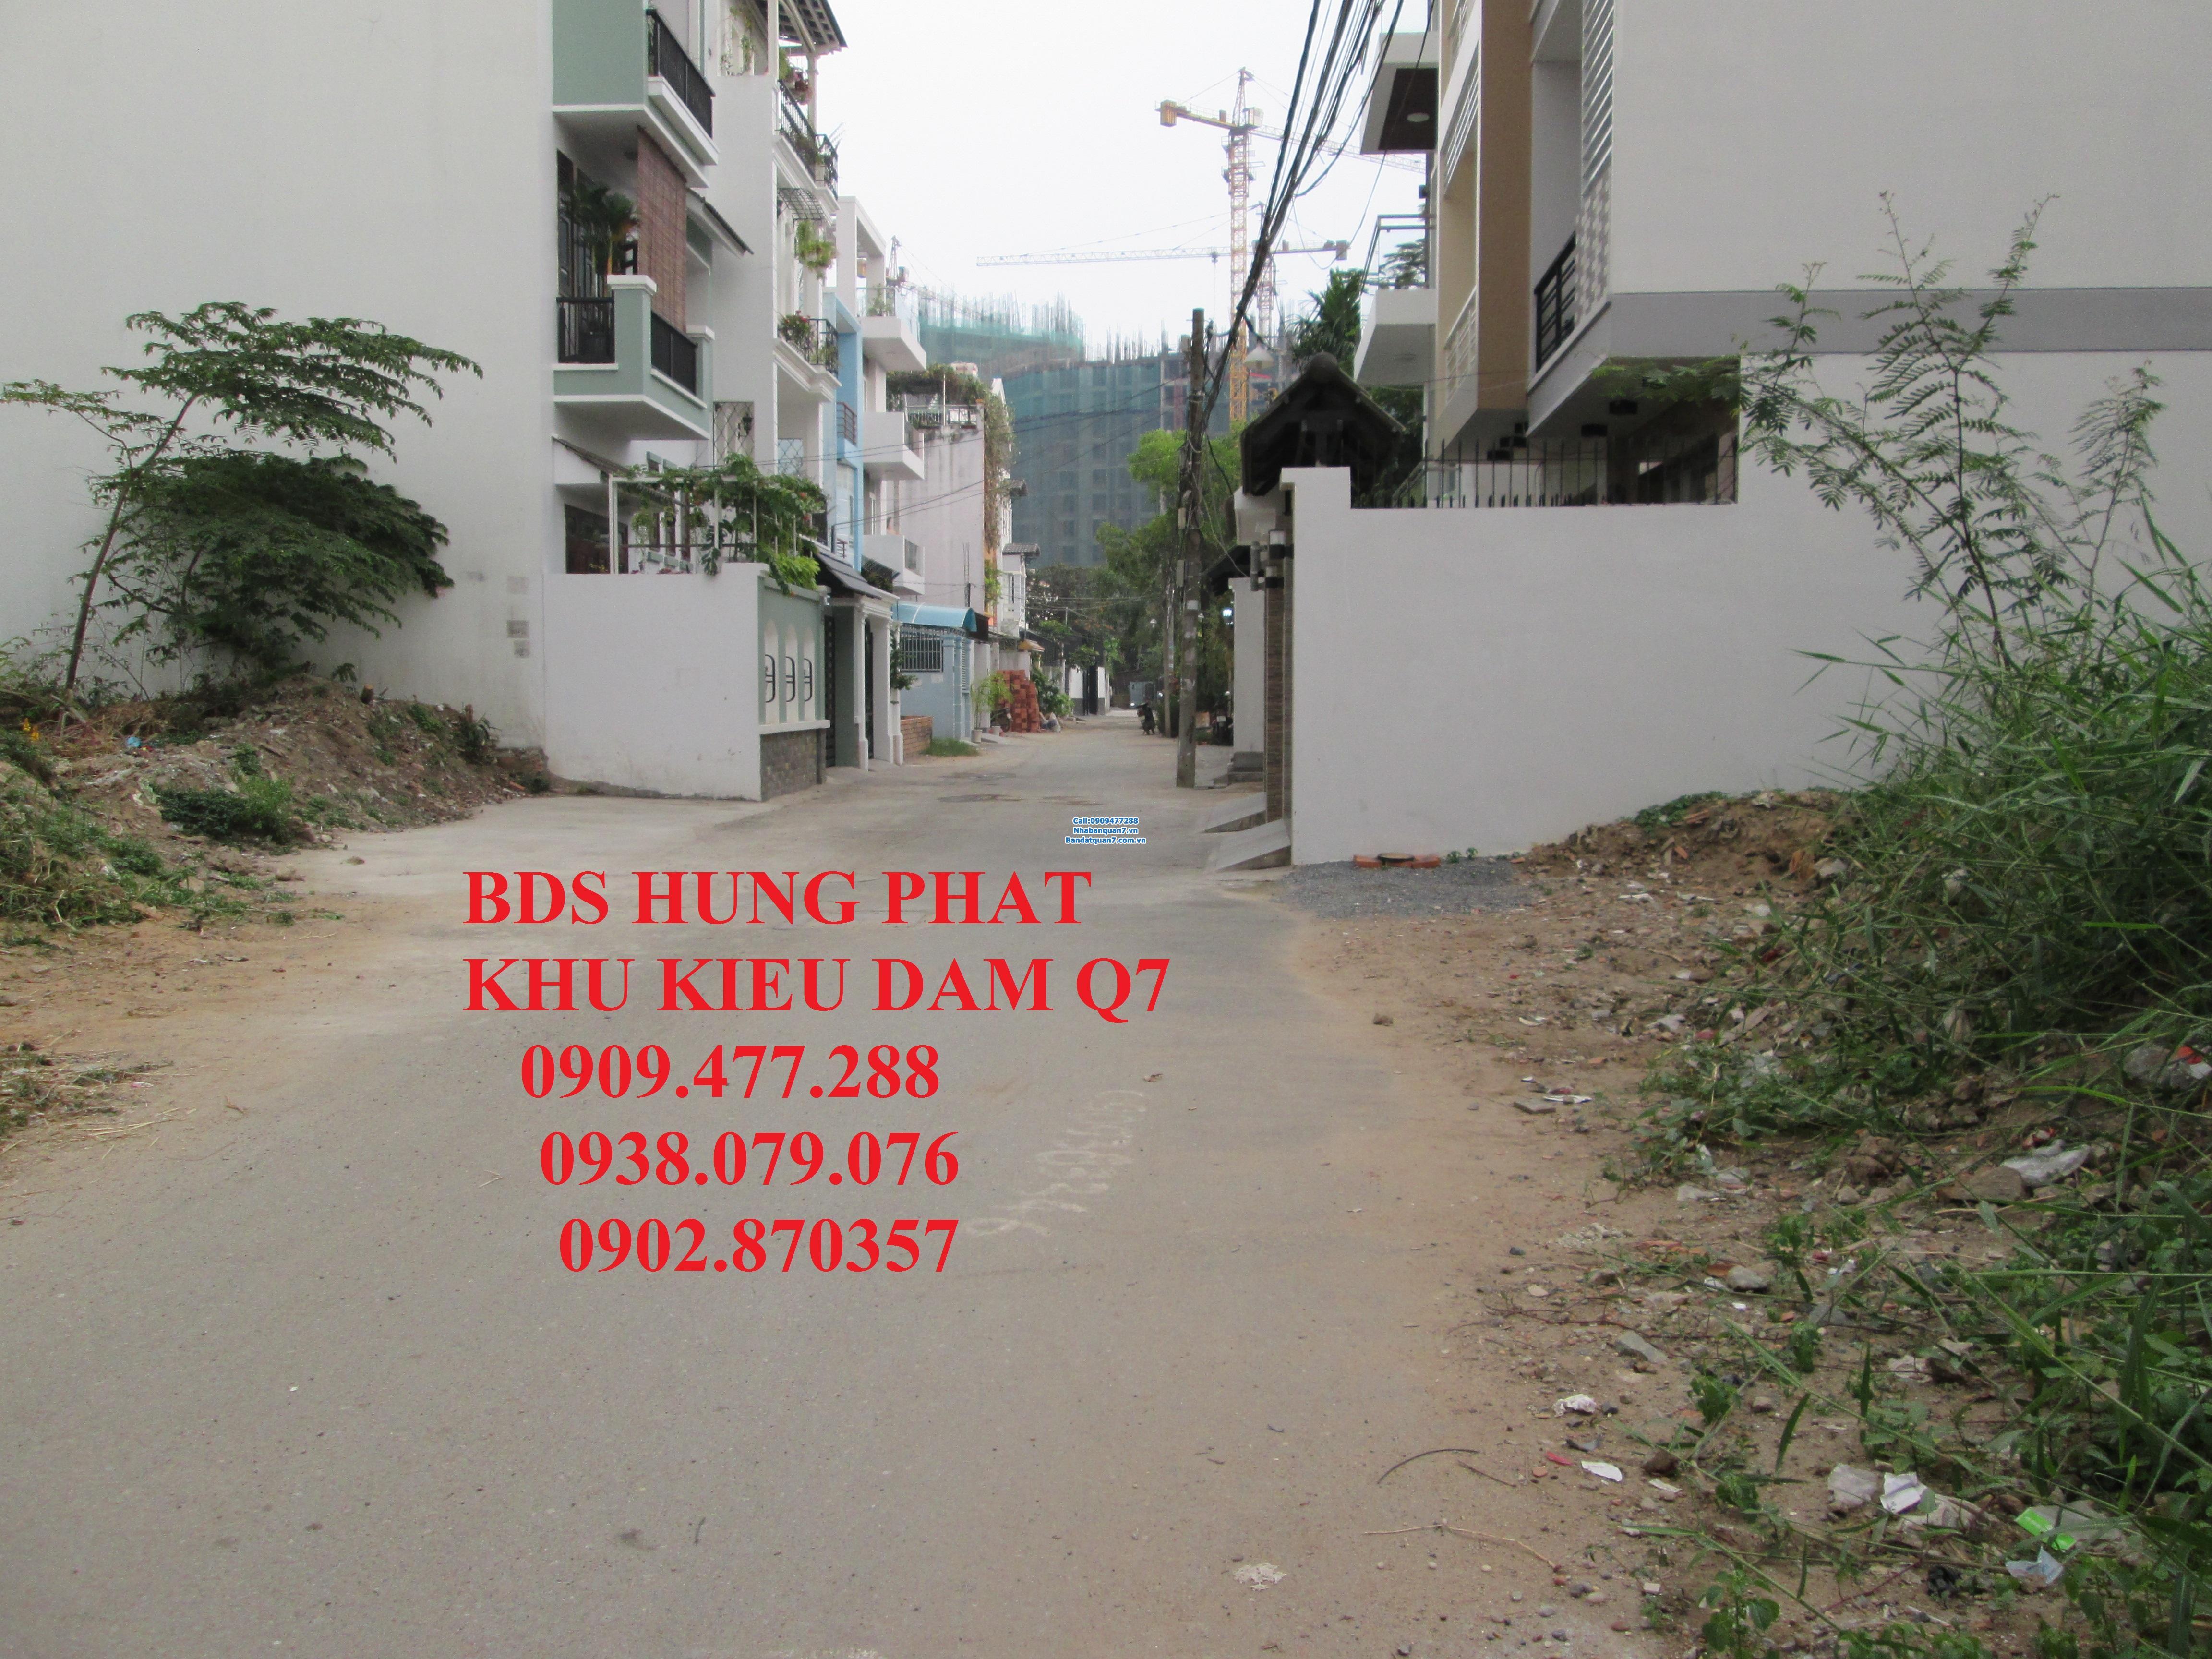 Bán nhà HXH 8m, Kiều Đàm Phường Tân Hưng, Quận 7    - Diện tích : 5m x 12m. Căc góc 2MT, Giá 3,5 tỷ, Hướng Nam  Lh 0909477288